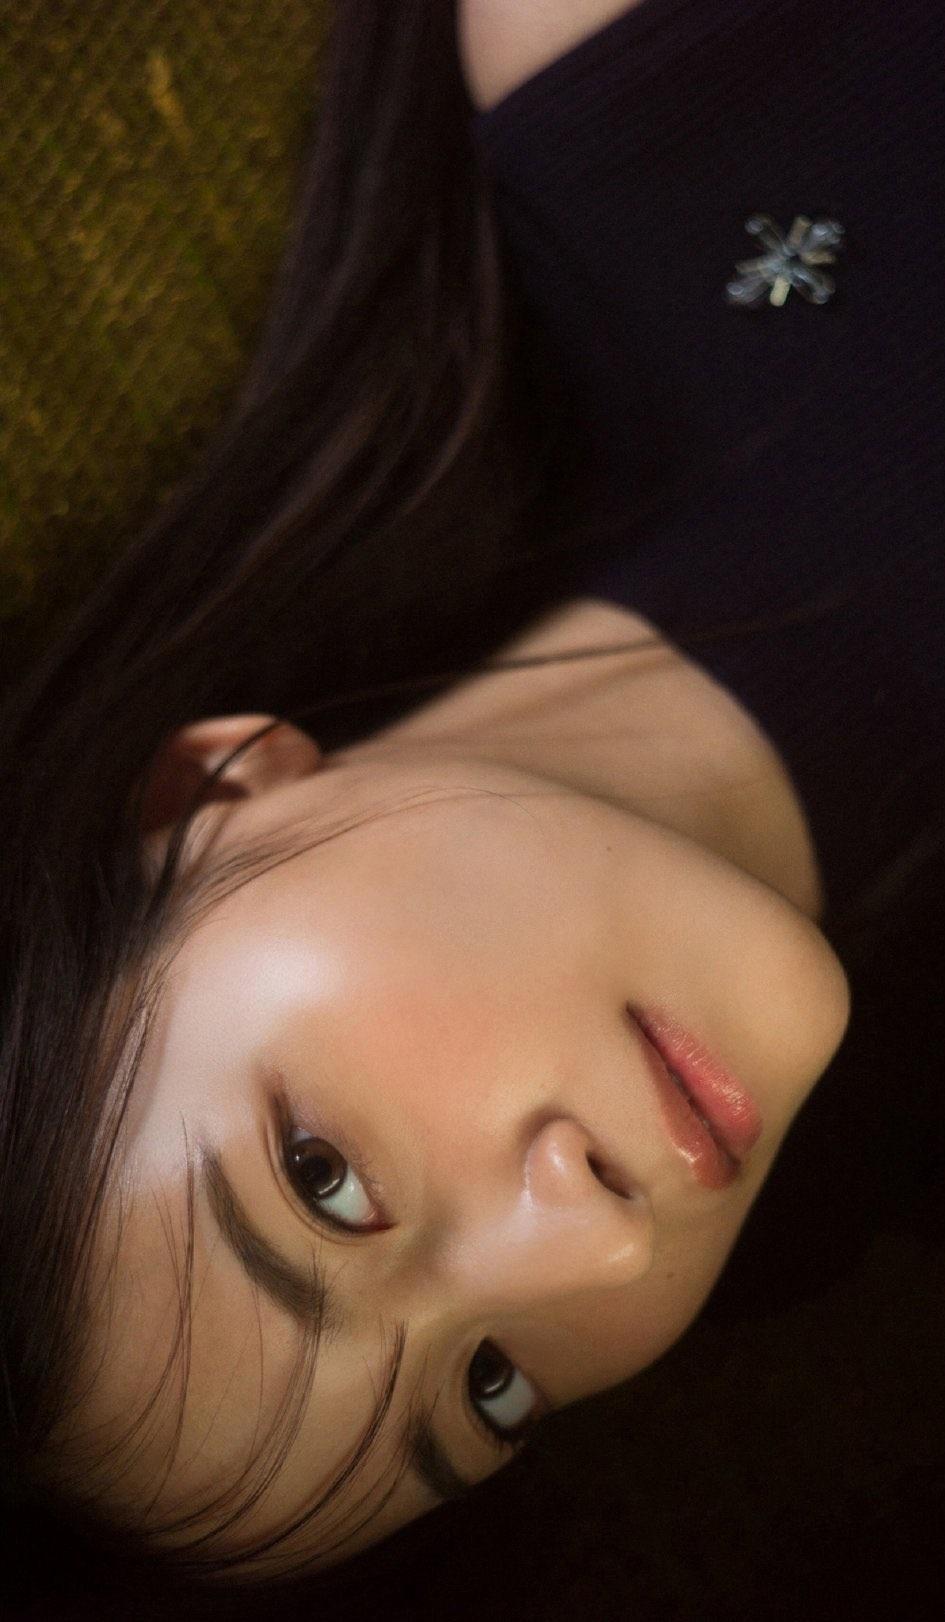 乃木坂46马尾女神金川纱耶清爽笑颜透明感十足 马尾造型更是萌到一个犯规 网络美女 第14张